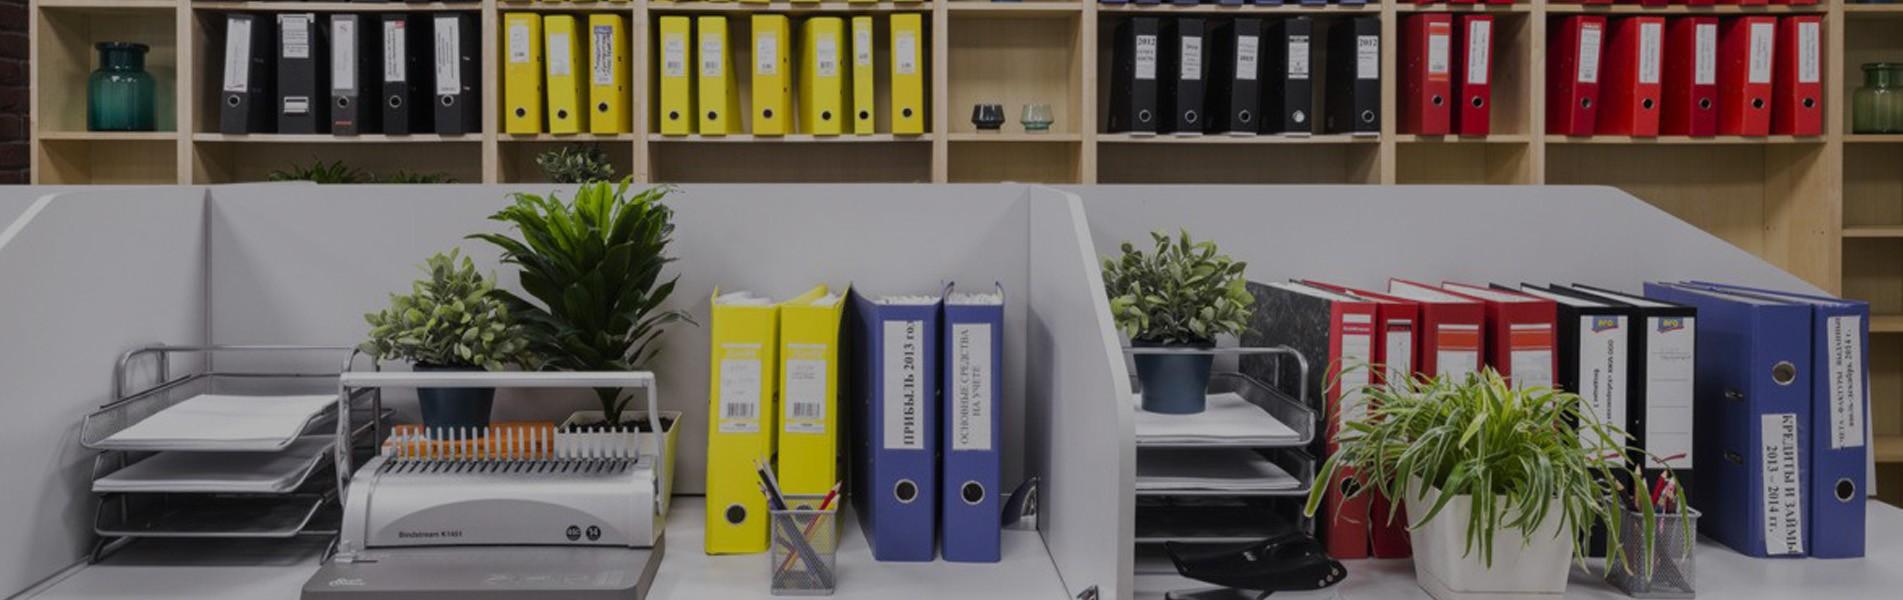 Канцтовары, бумага для офиса, хозтовары купить в Минске